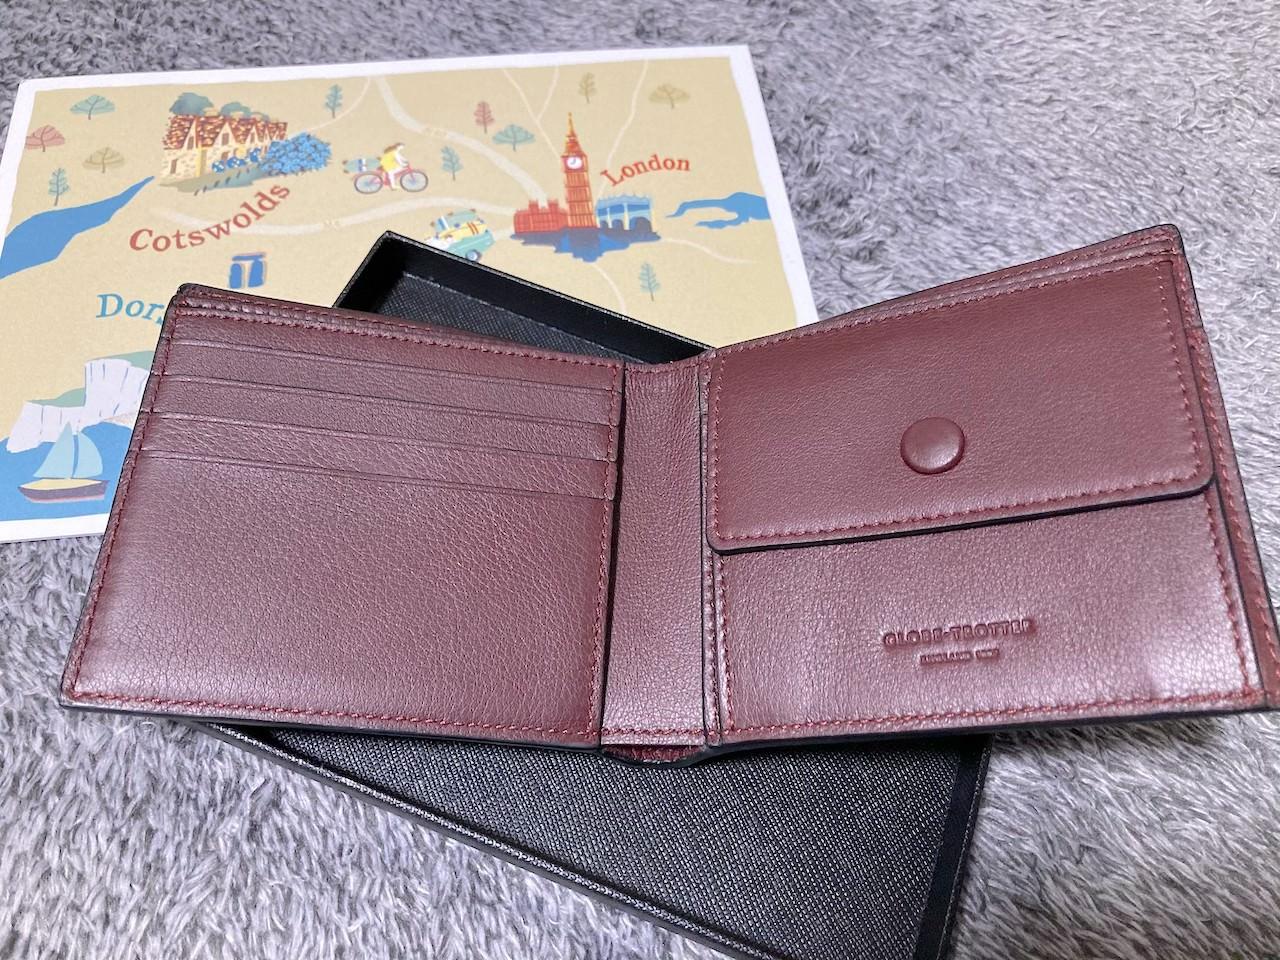 グローブトロッター 財布